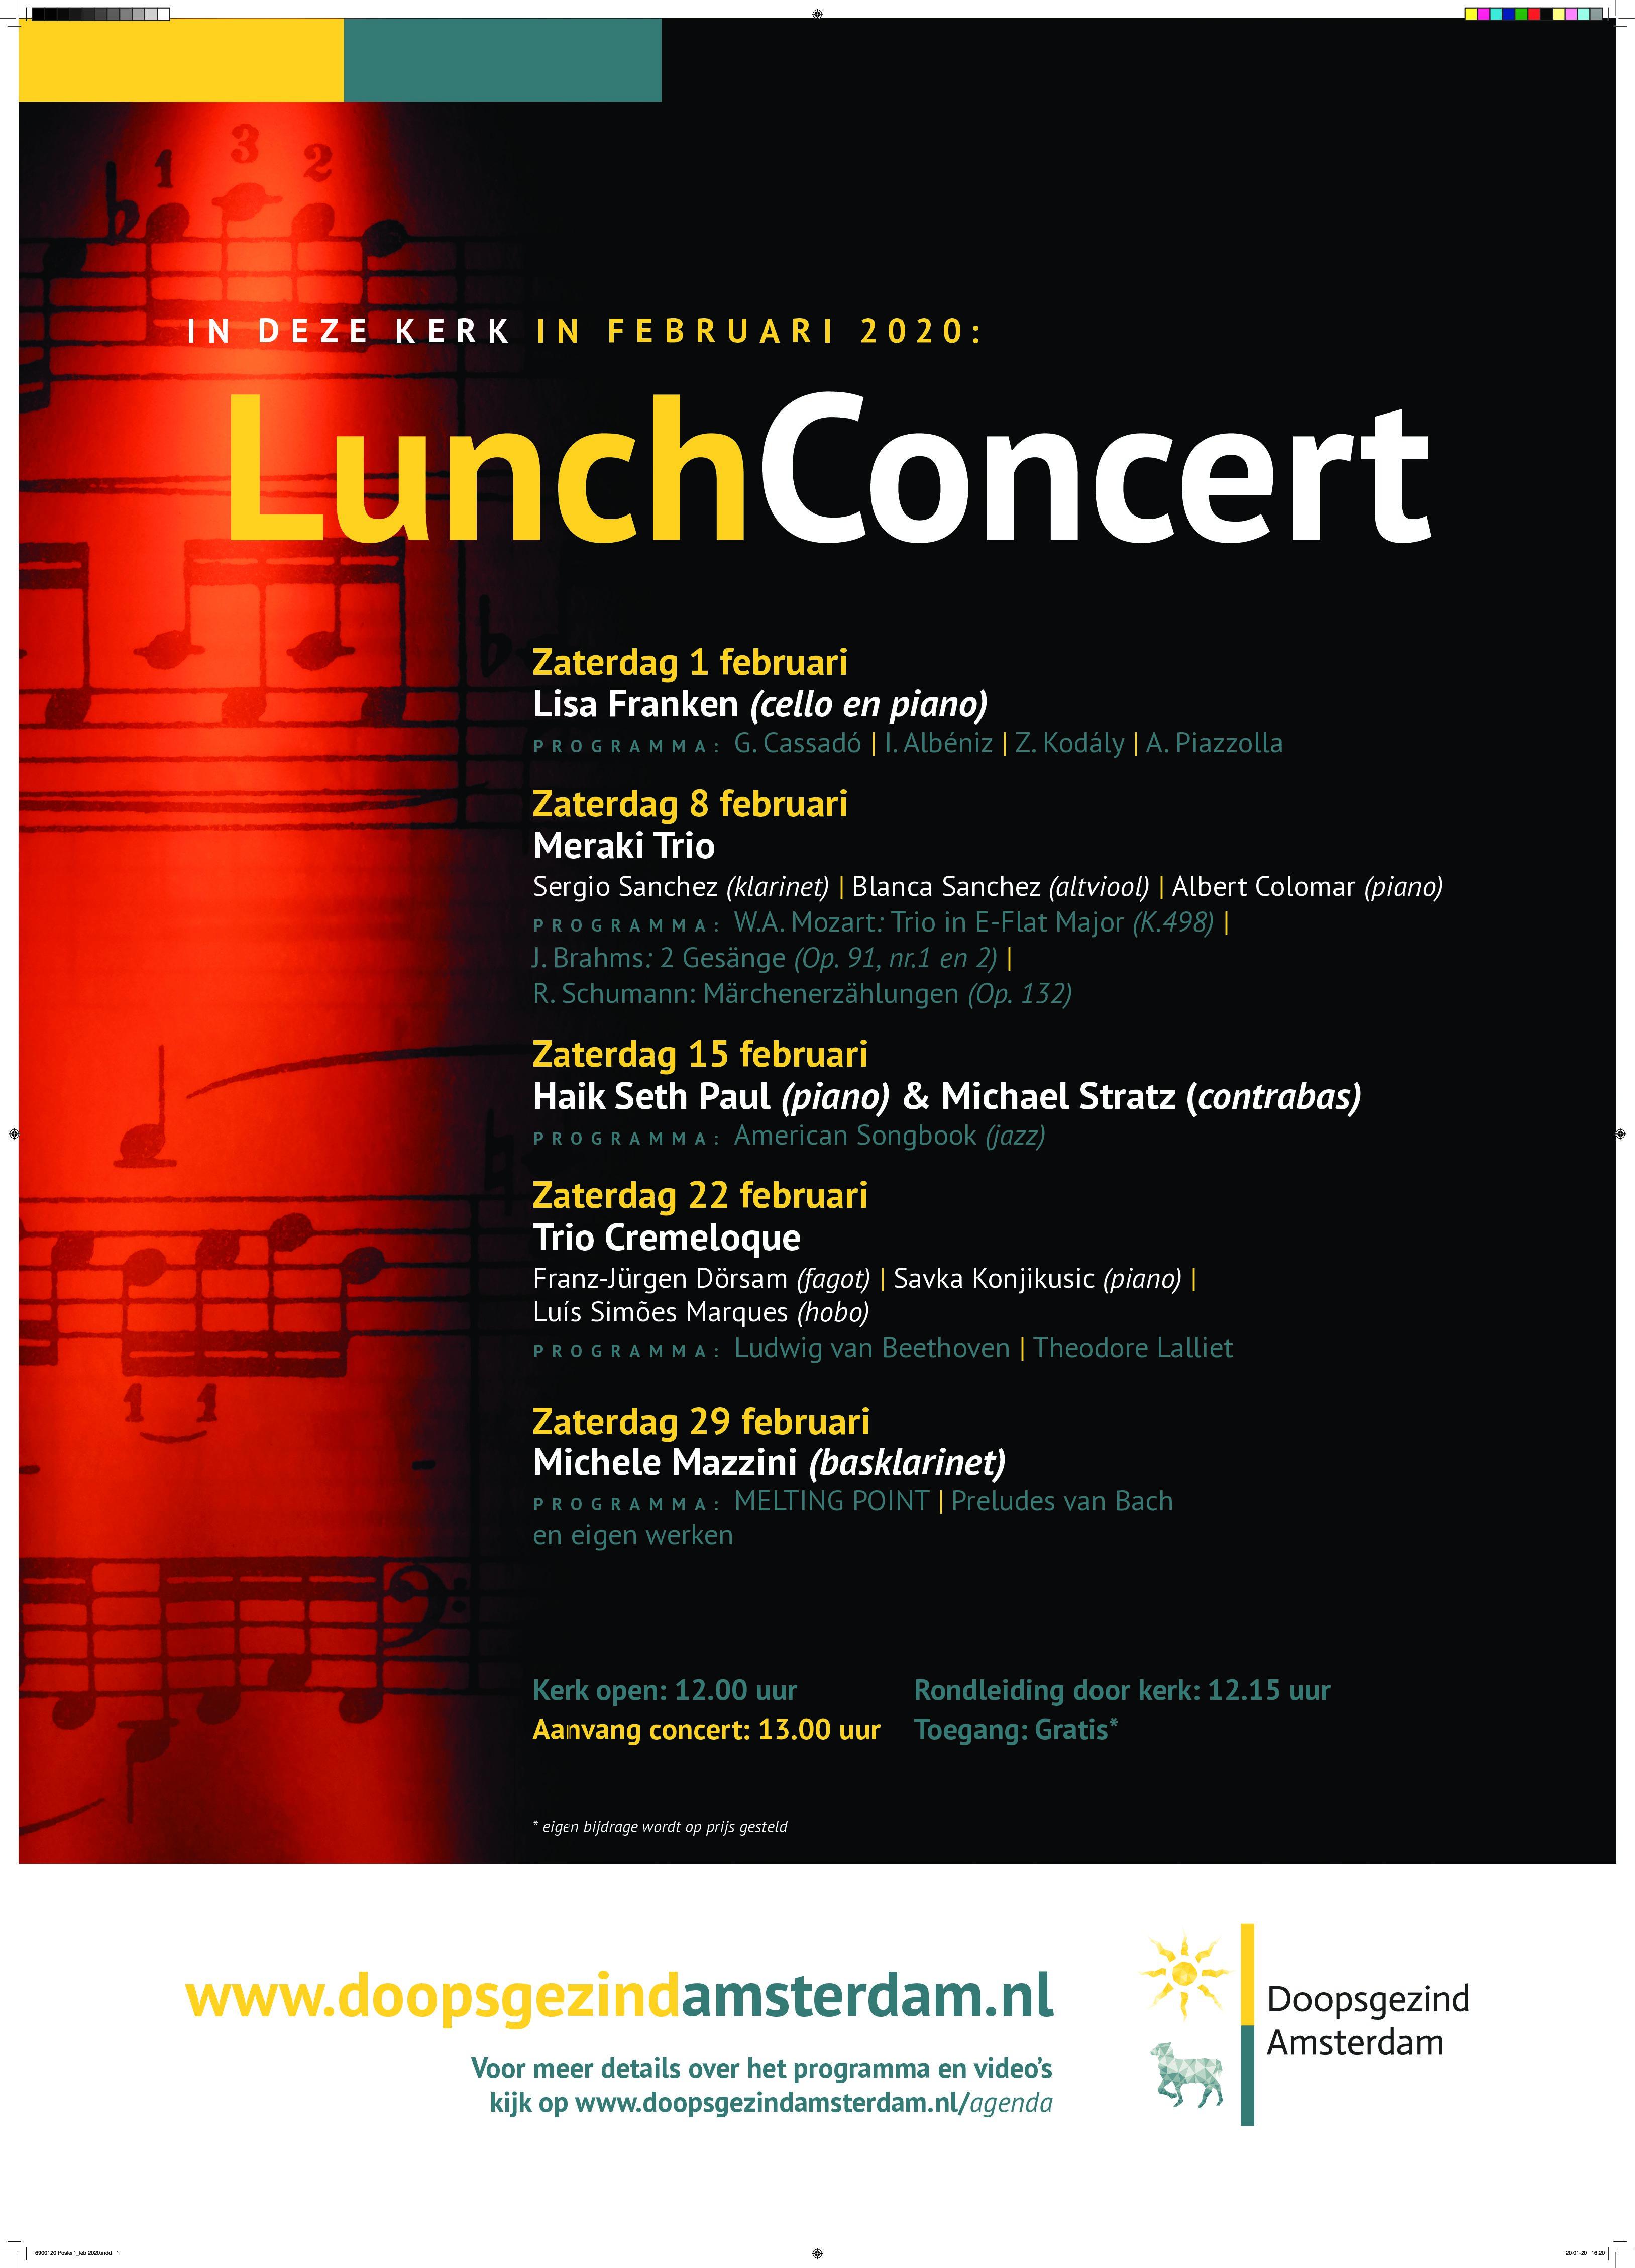 Eerste lunchconcert in de Singelkerk met Lisa Franken